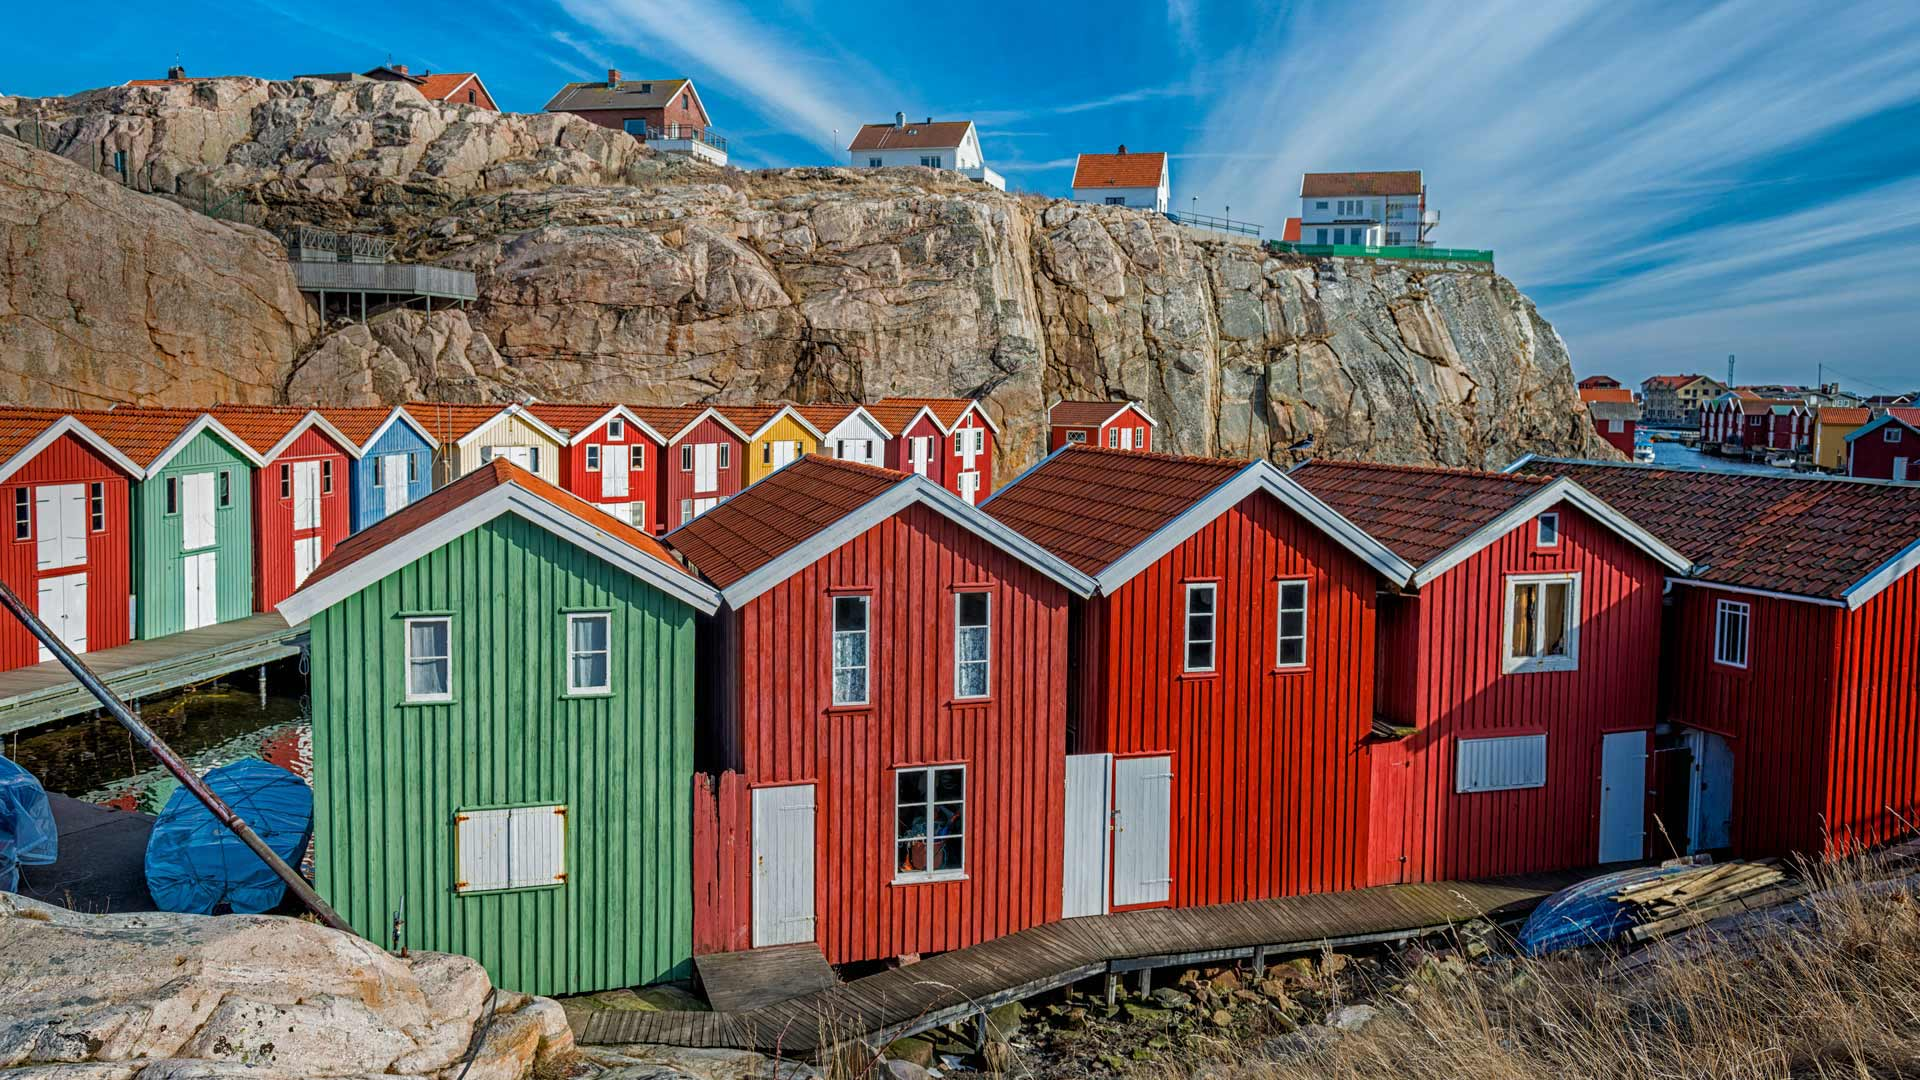 「スモーゲン」スウェーデン (© Martin Wahlborg/Getty Images Plus)